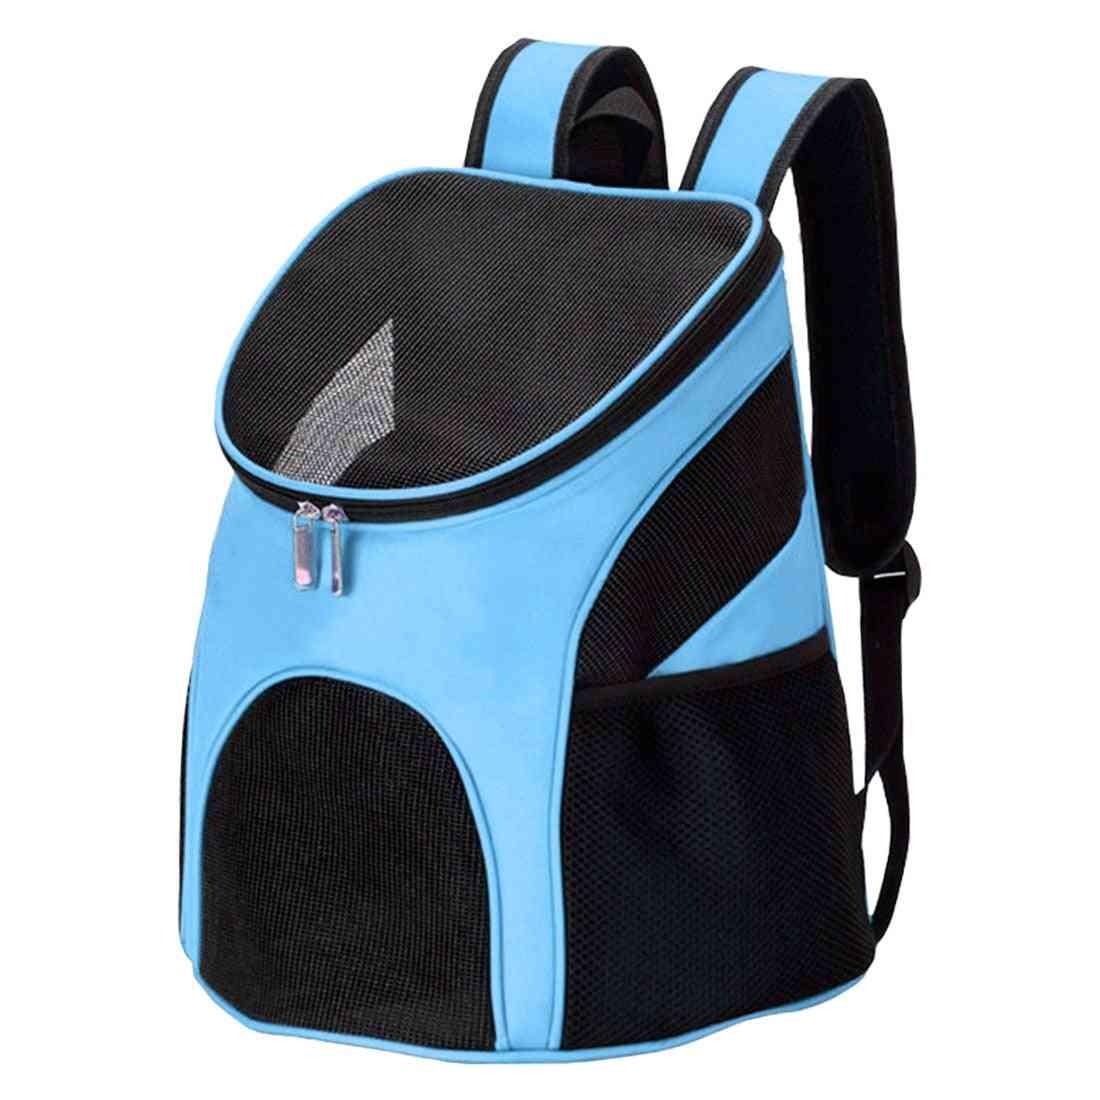 Foldable Mesh Pet Carrier Backpack Bag Breathable Dog /cat  Pet Carrier